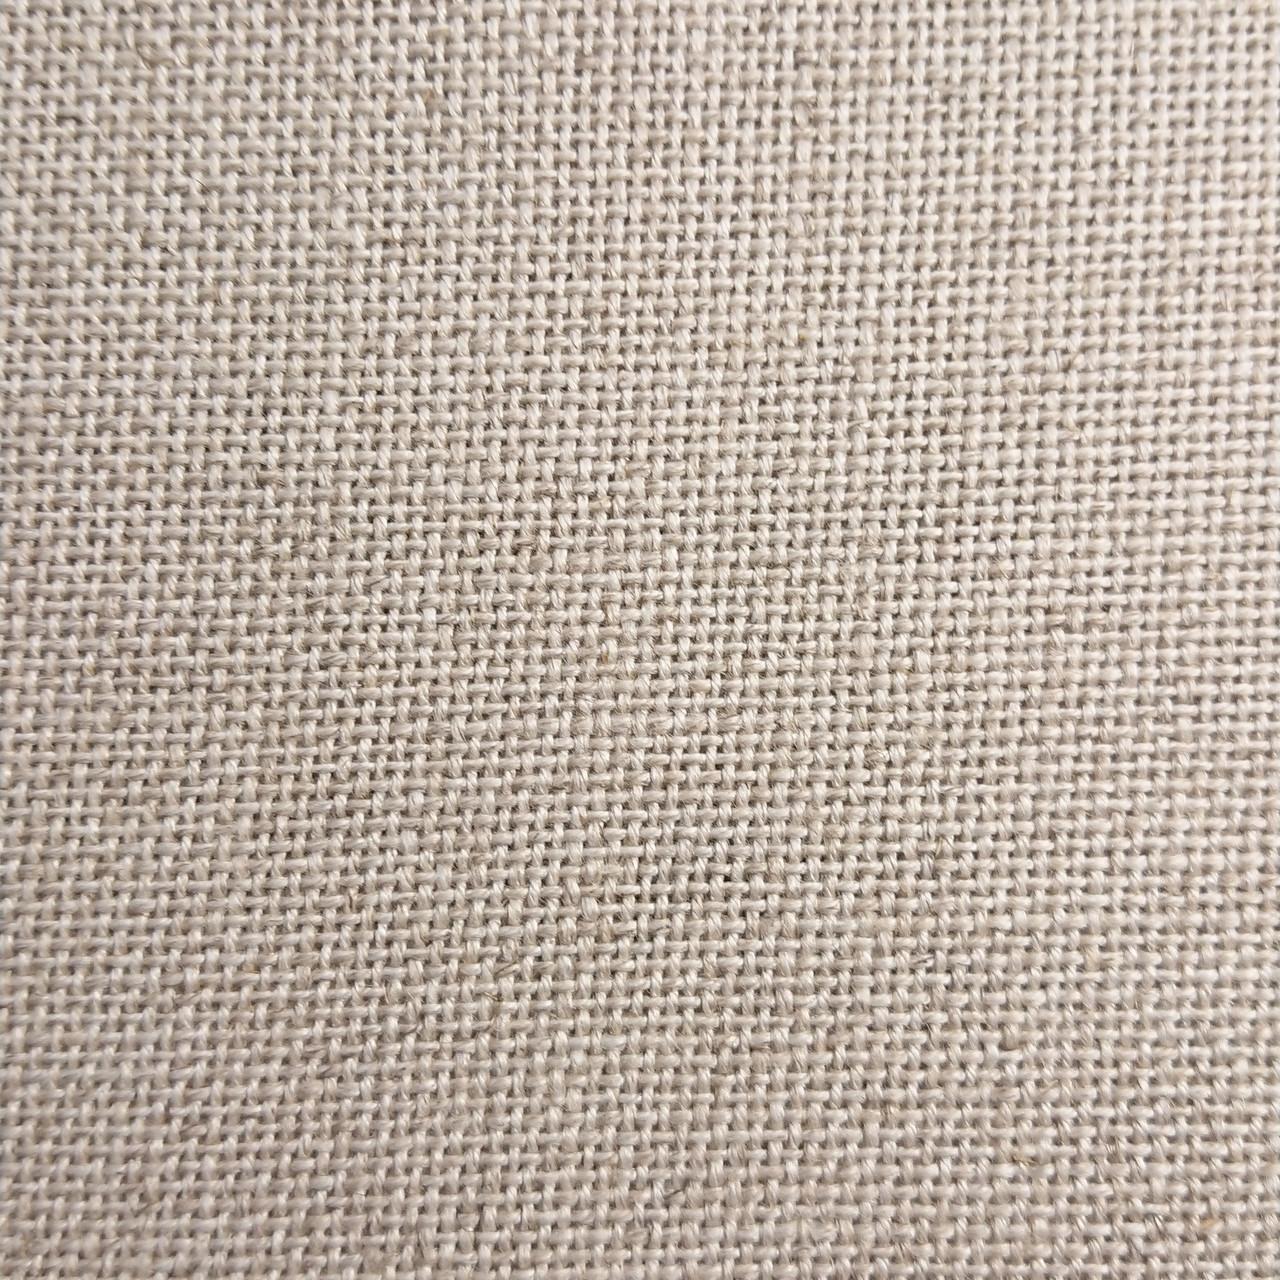 Ткань для вышивки Ubelhor Flockenbast 25ct. 3600 бежевый